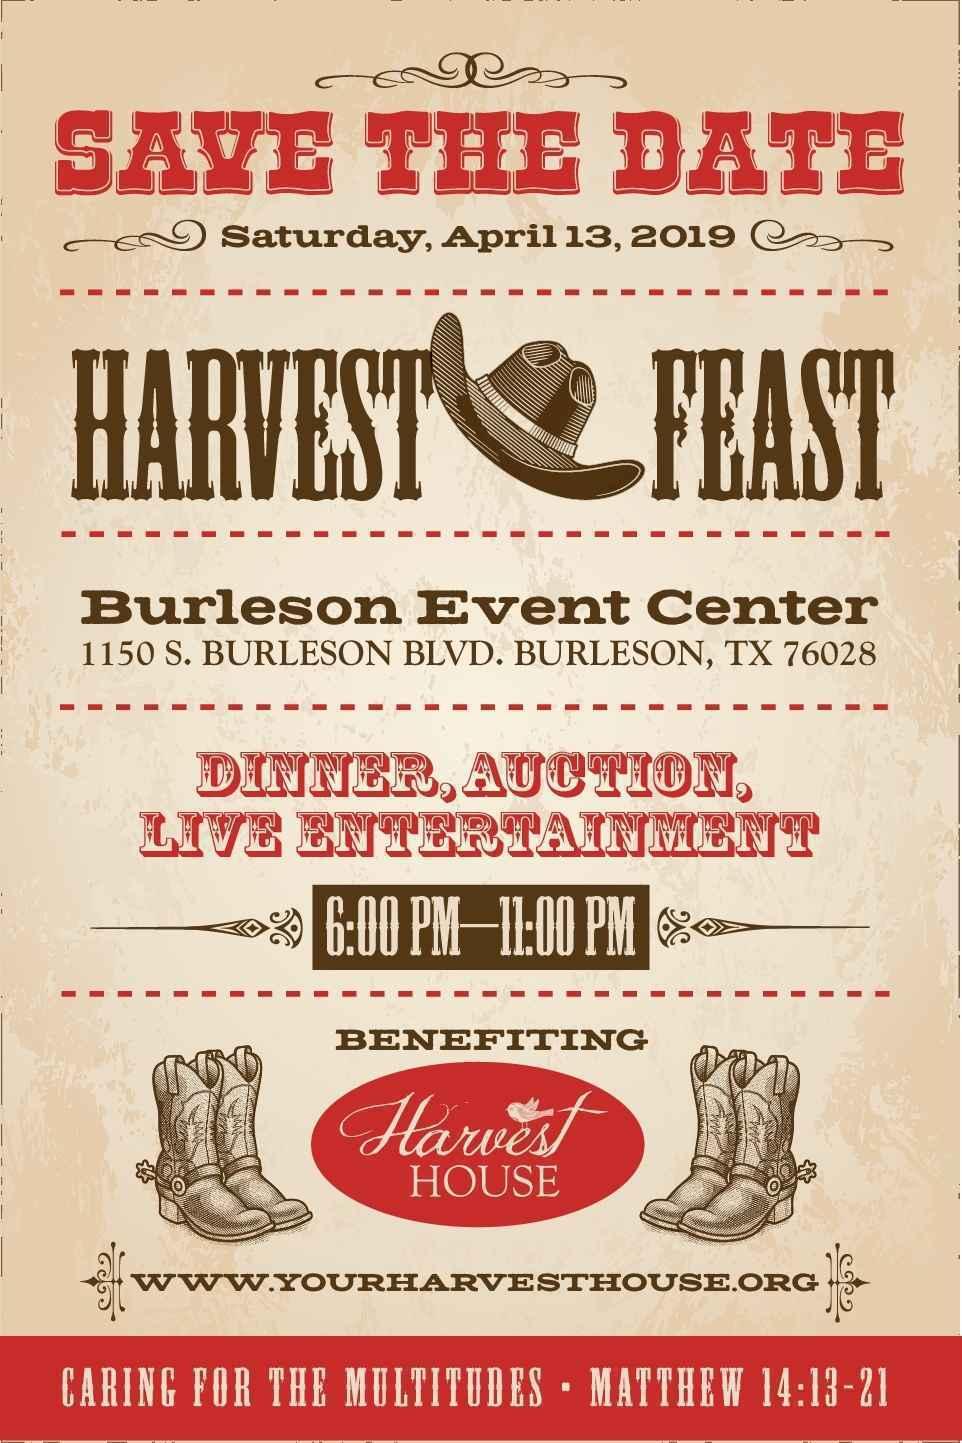 Harvest Feast 2019 image